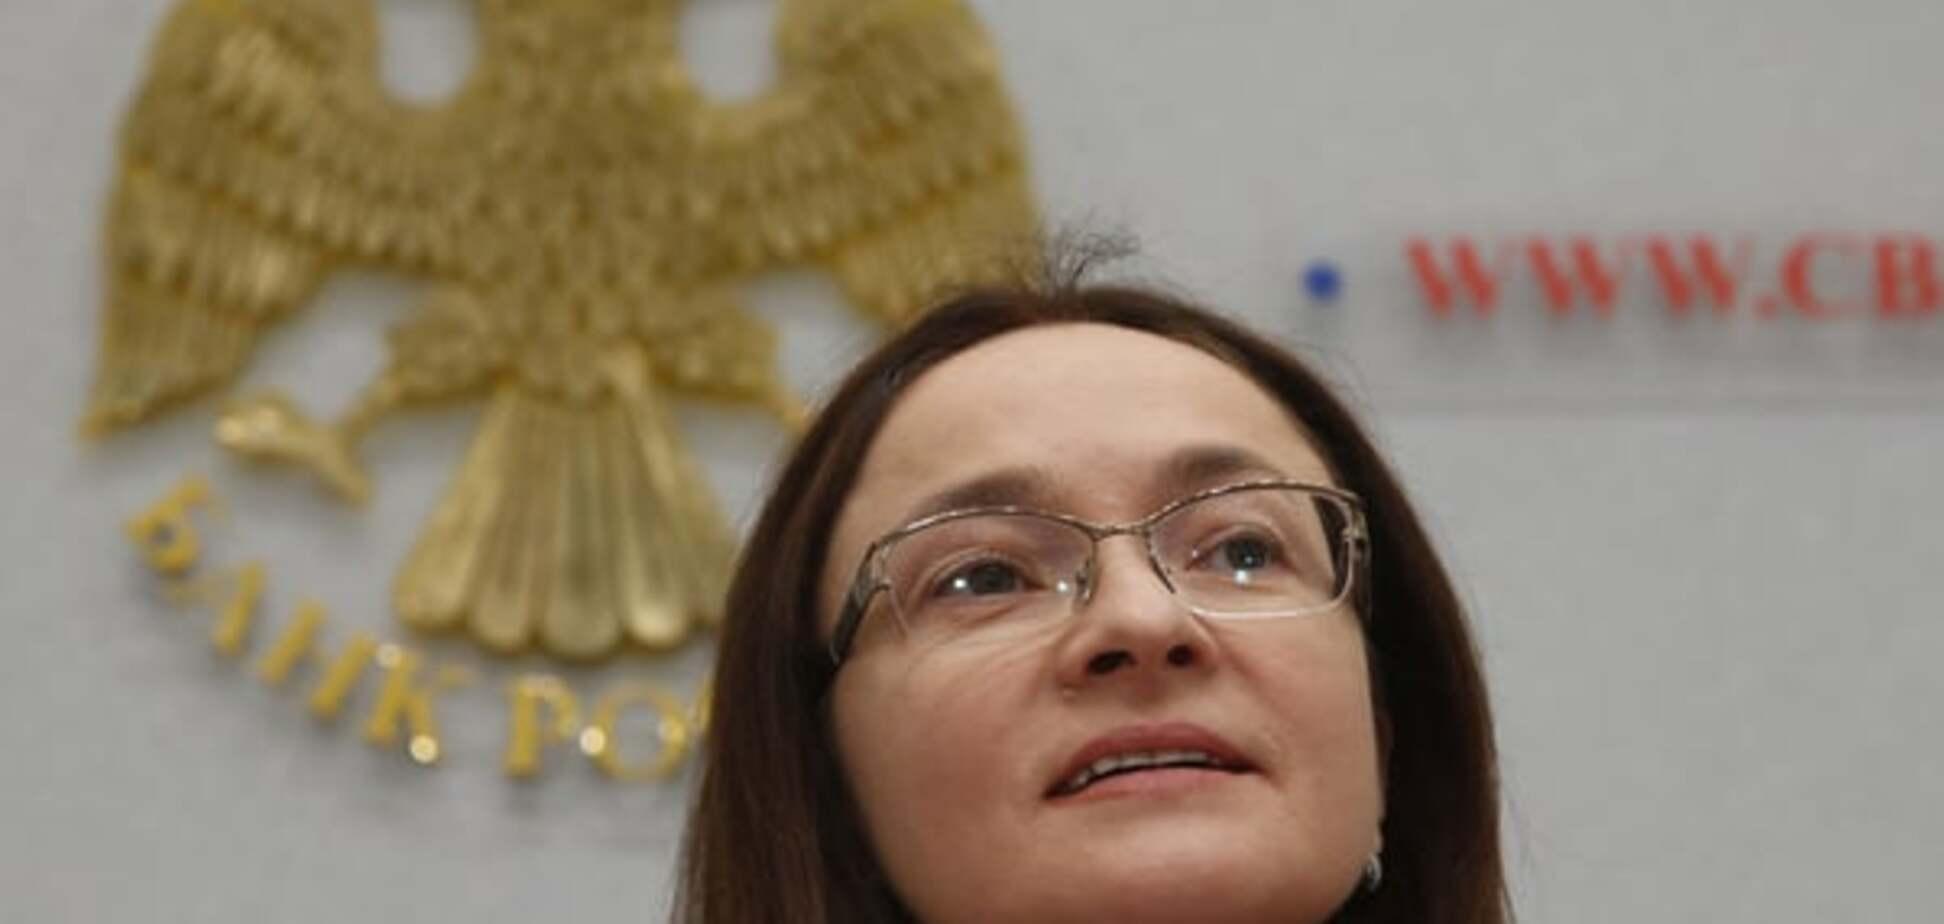 Банк России о печатании 1 трлн рублей: это обычная рутинная деятельность